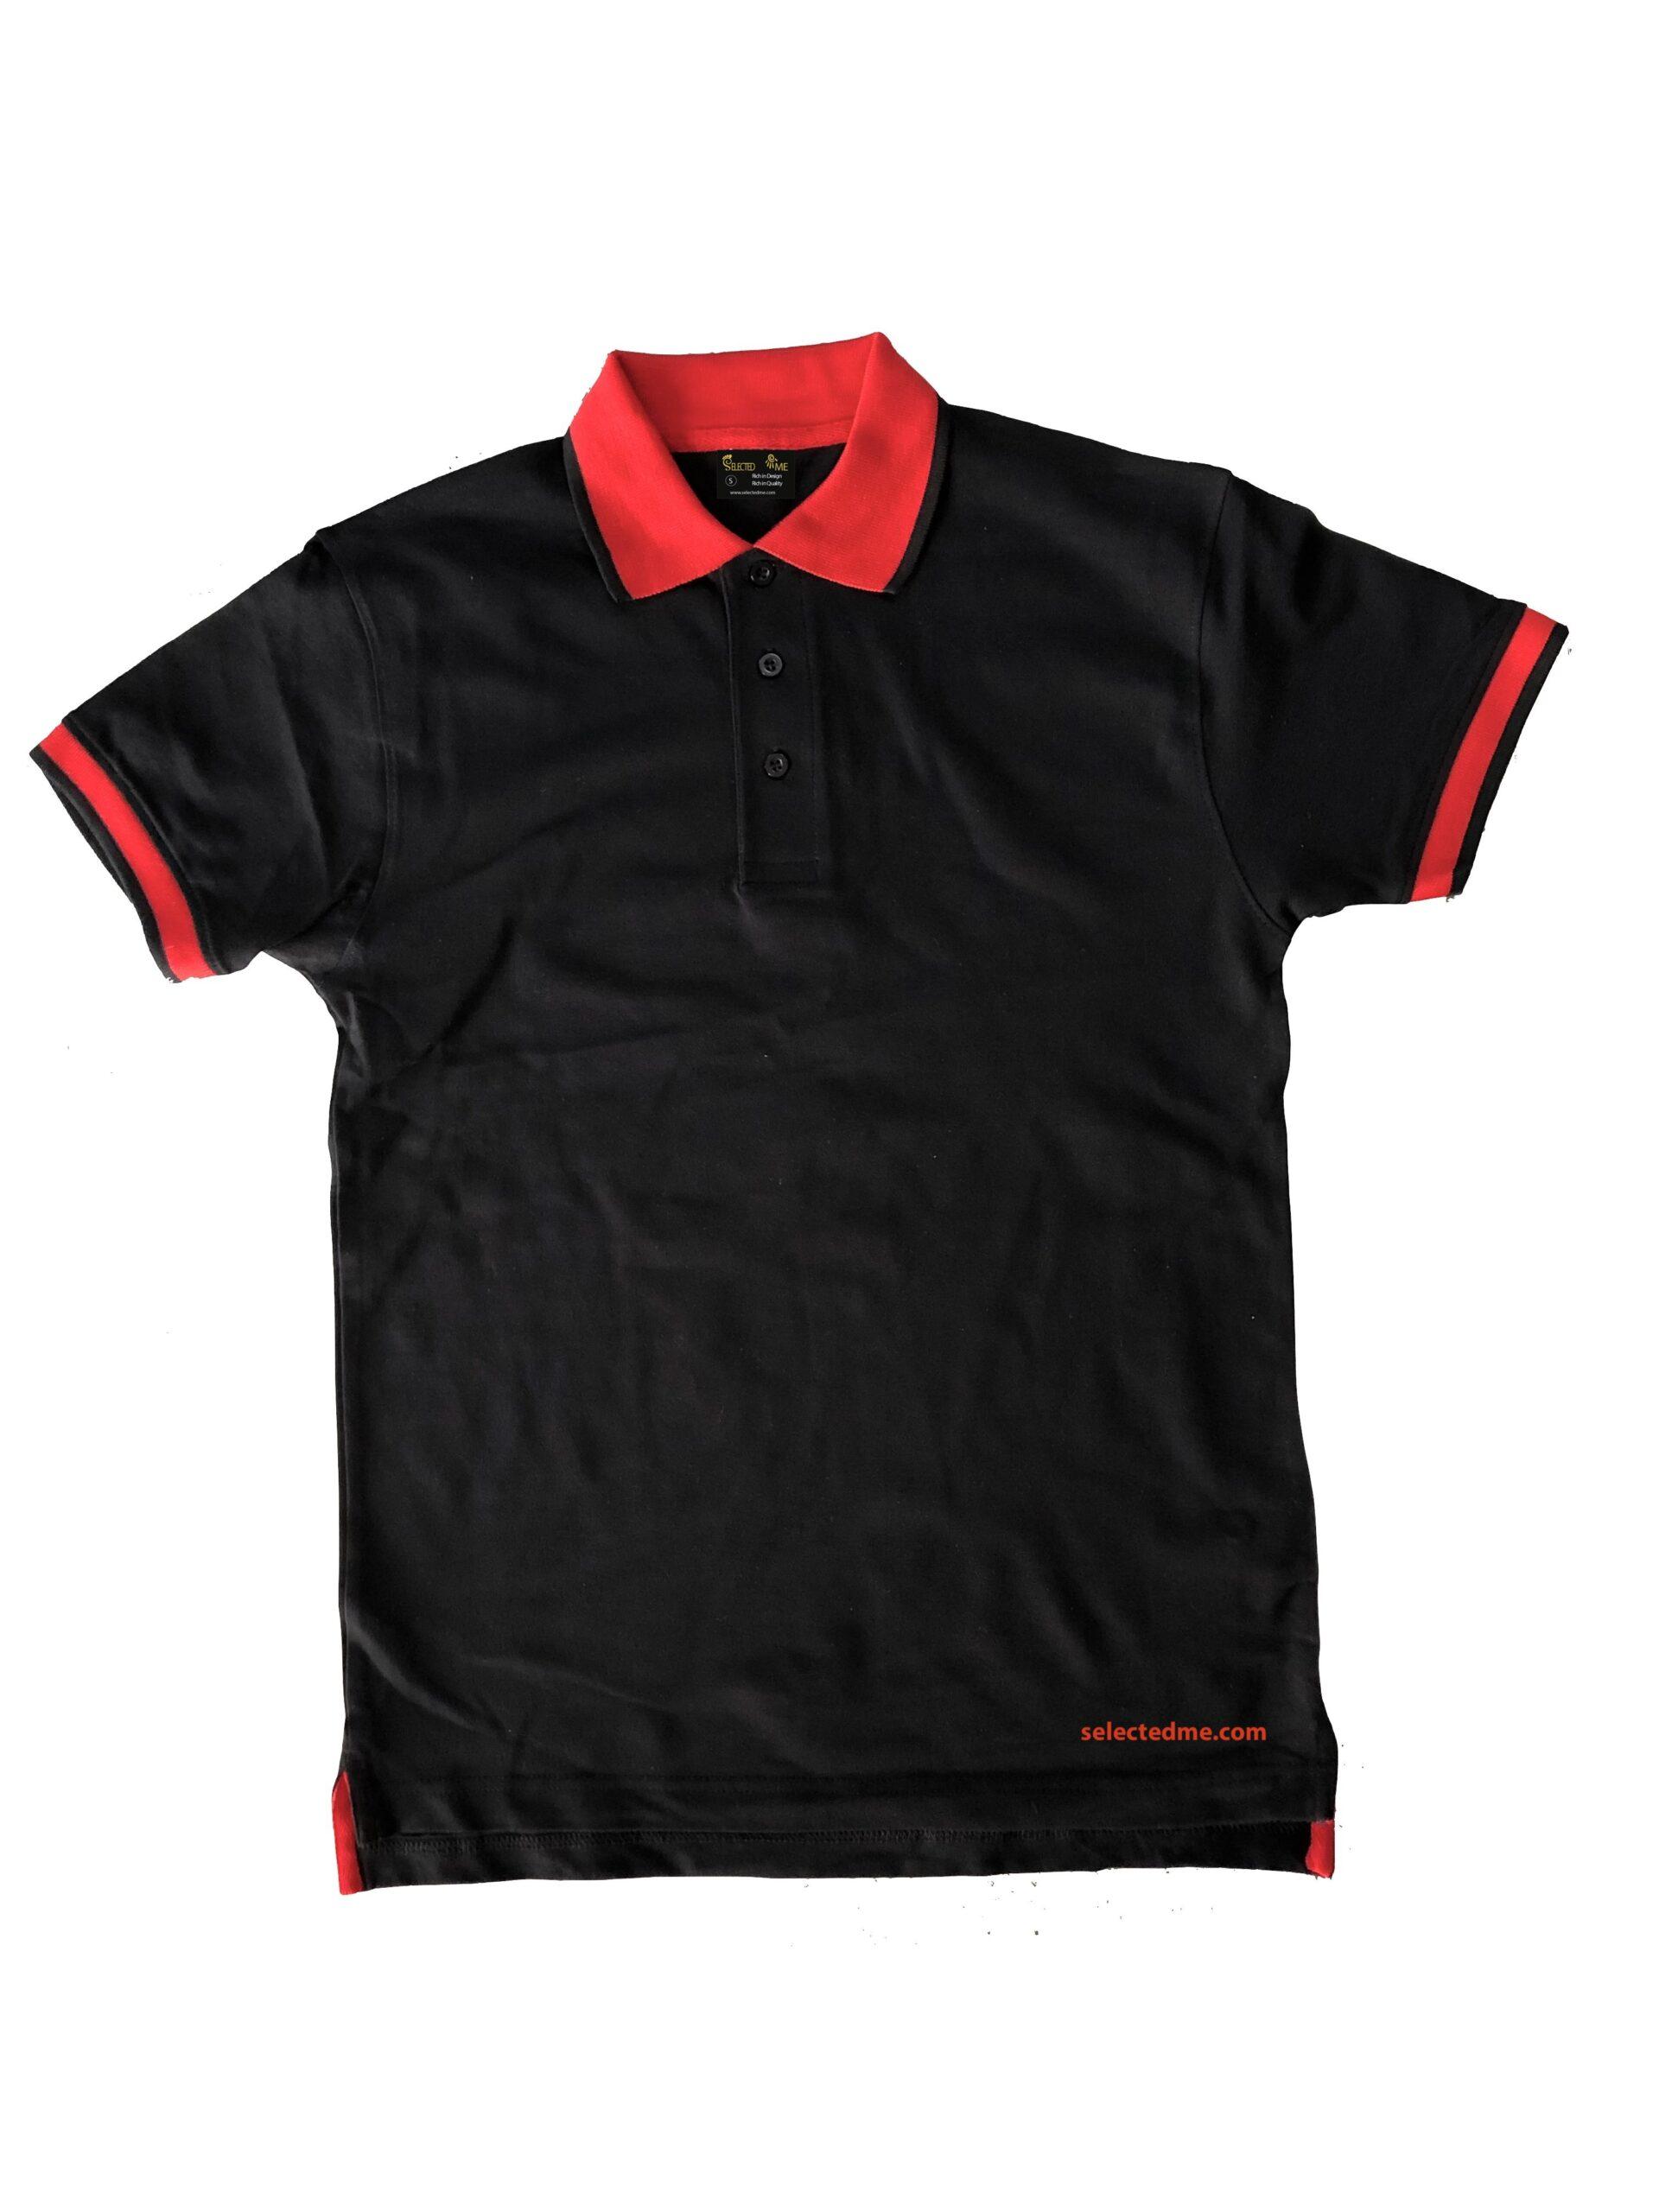 Spandex Polo Shirts - Lycra Elastane Polo T-shirt High Quality